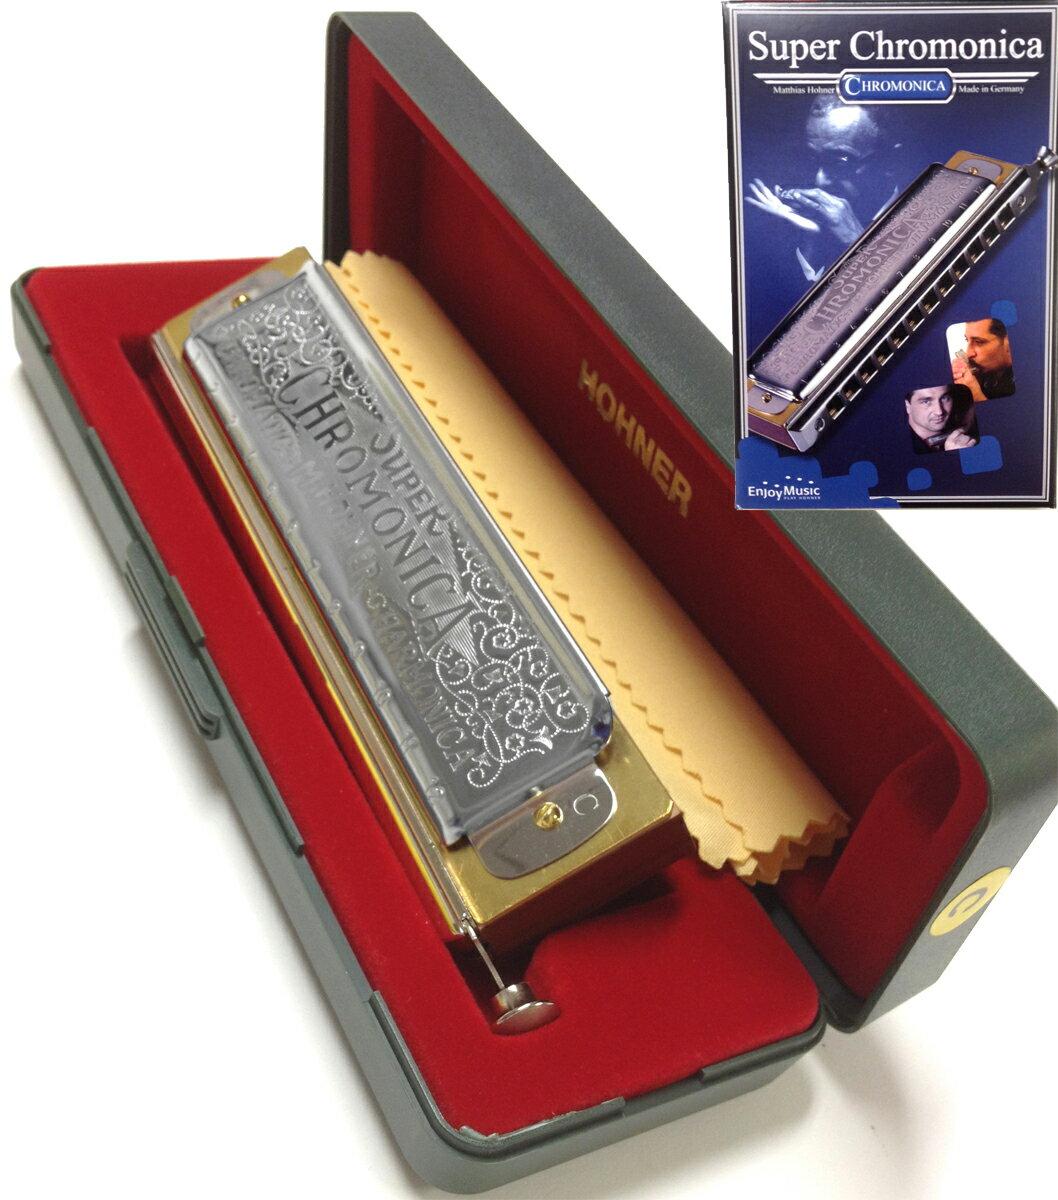 キズ アウトレット クロモニカ270 クロマチックハーモニカ HOHNER 270/48 12穴 3オクターブ スライド式 ハーモニカ ホーナー Super Chromonica-270 Chromatic Harmonica 楽器